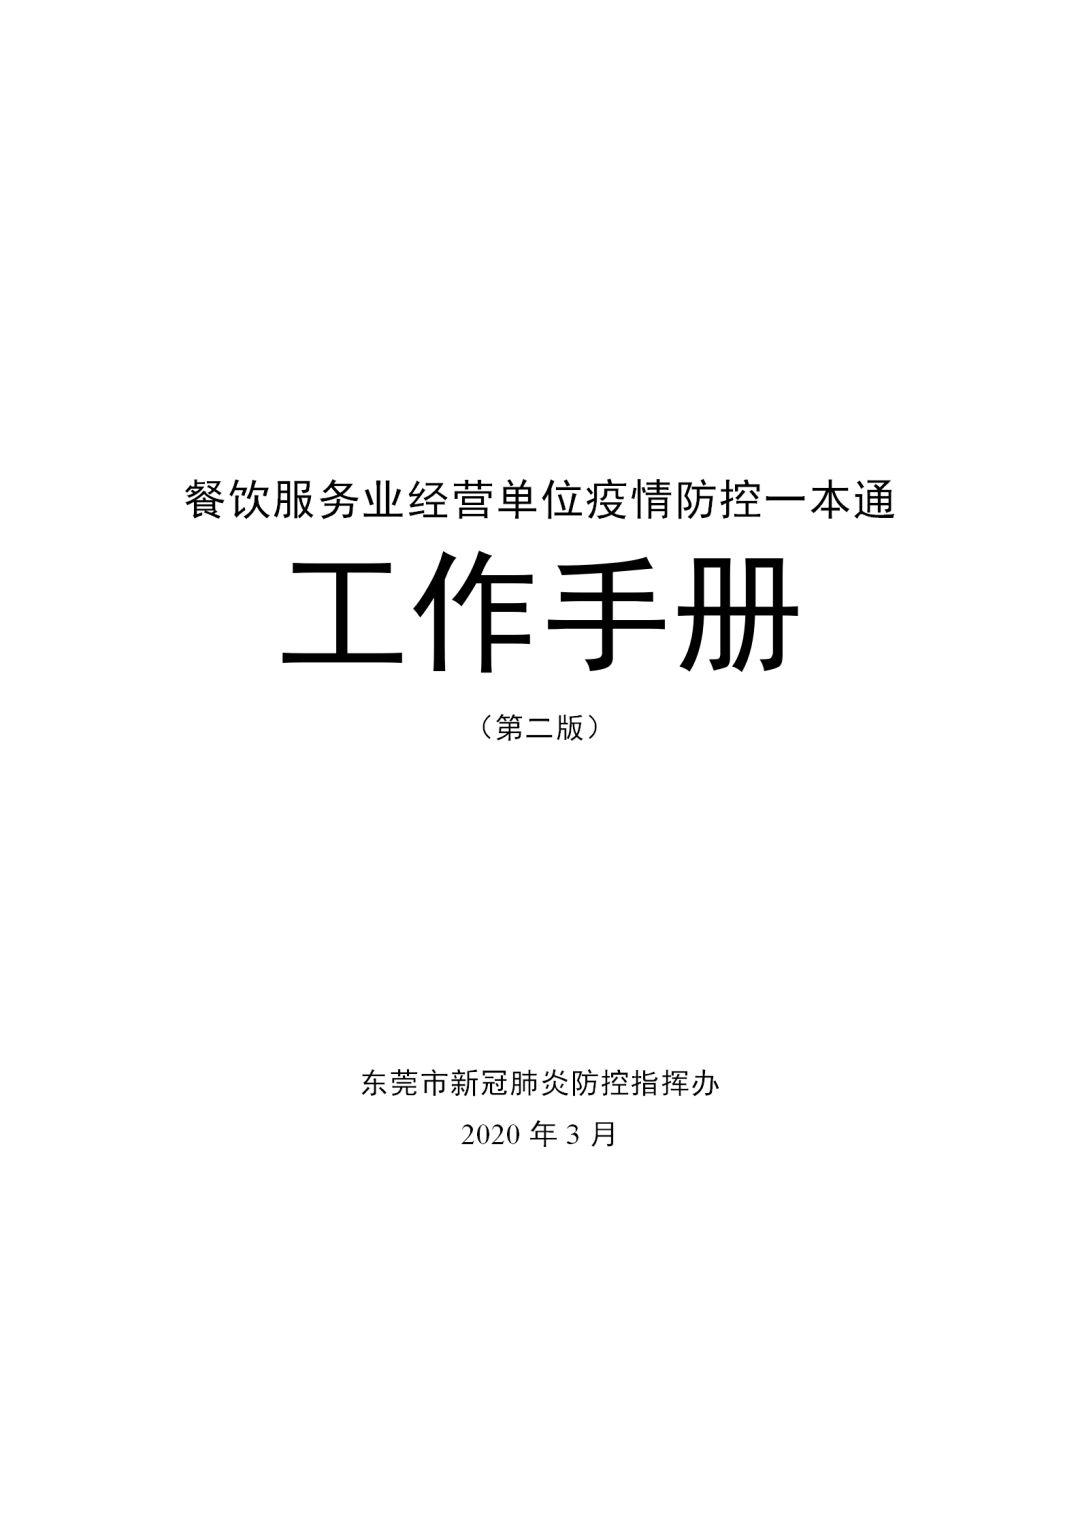 东莞餐饮业请及时下载!疫情防控一本通工作手册(第二版)图片